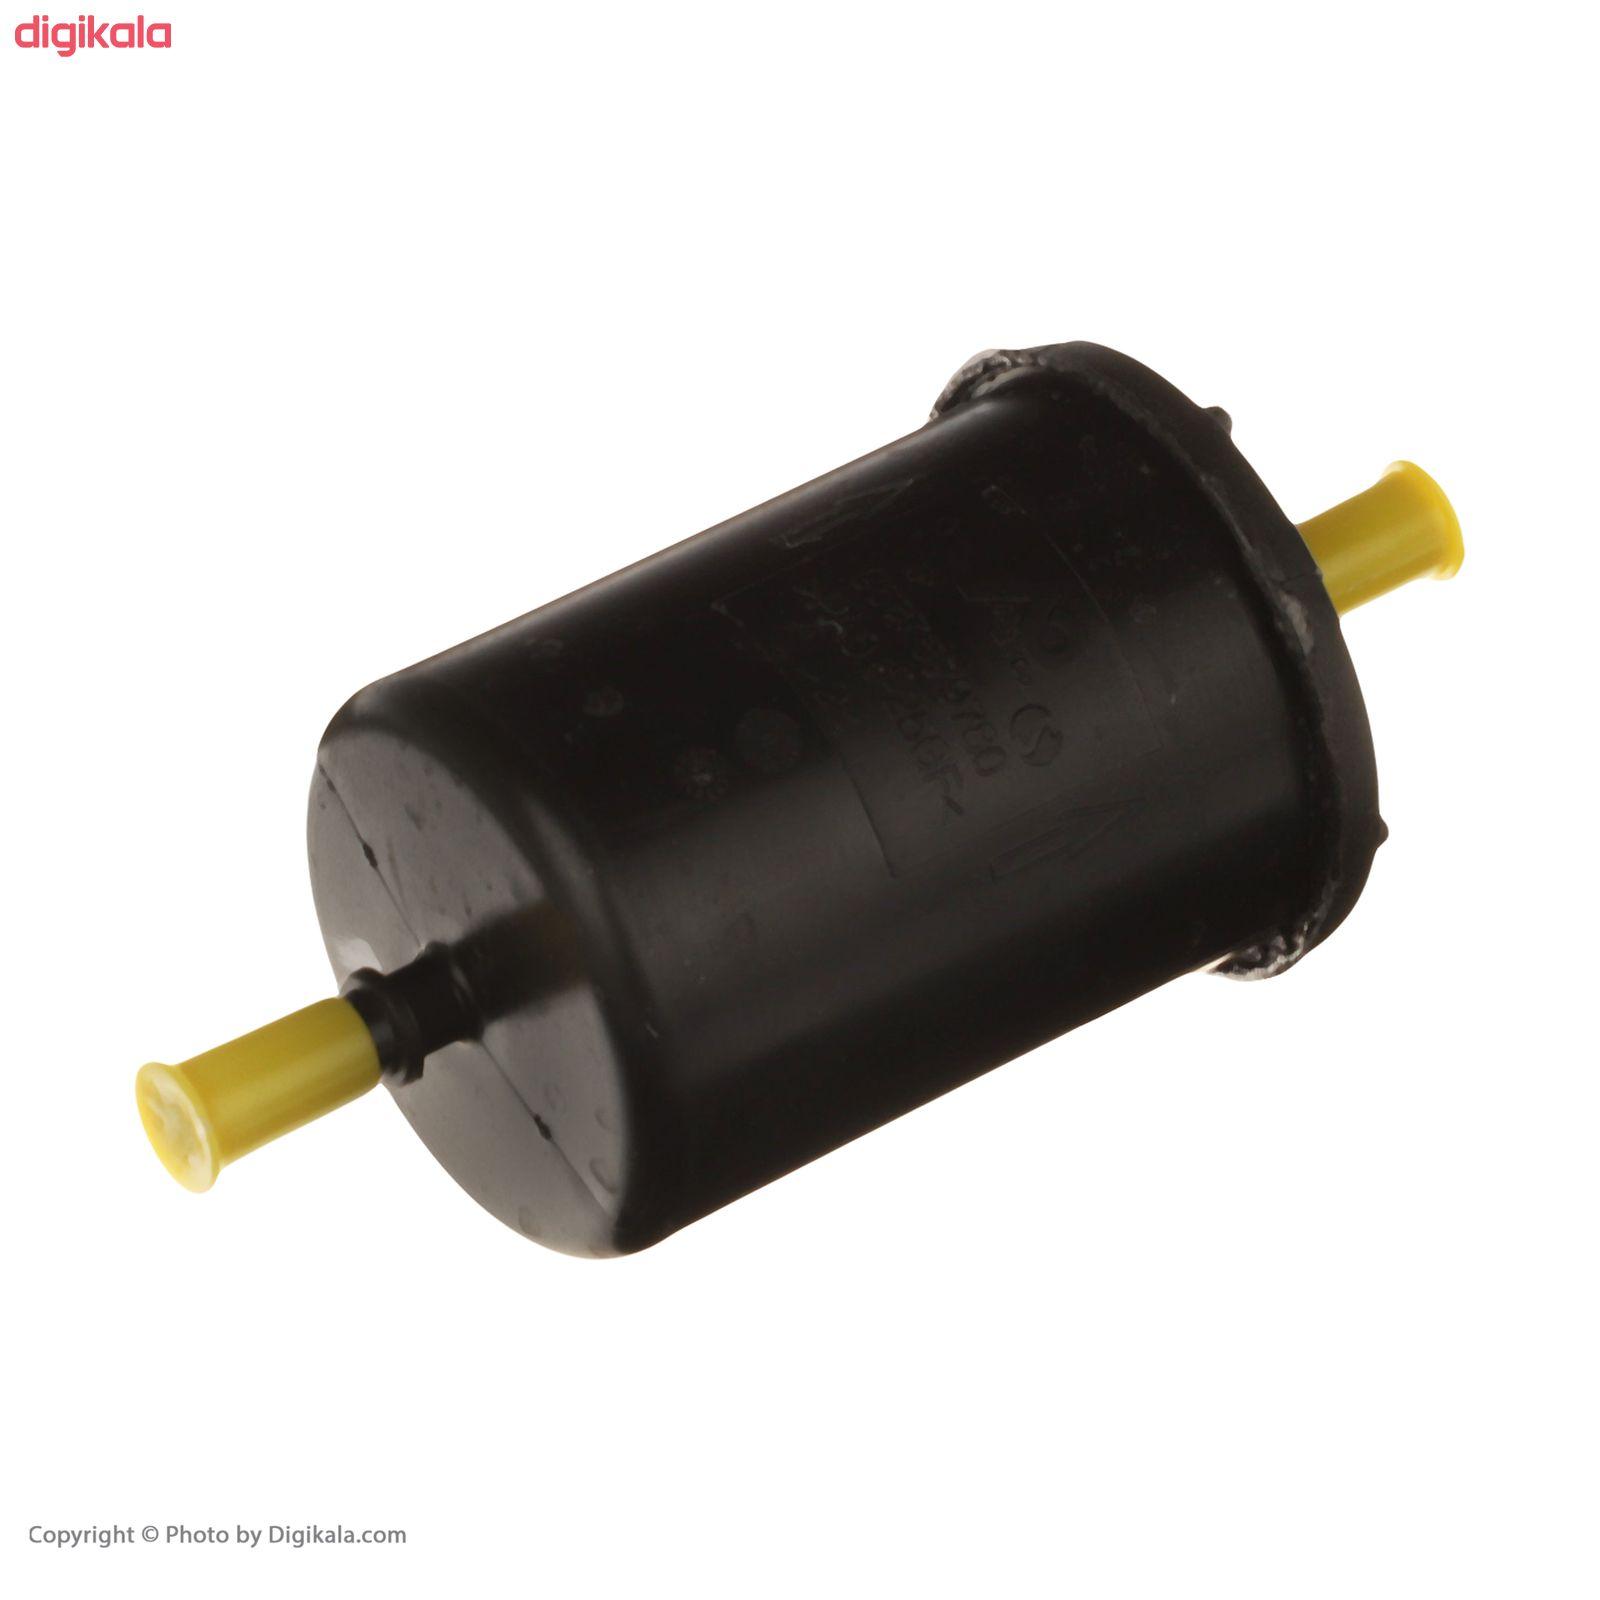 فیلتر بنزین خودرو مادپارت مدل 9780 main 1 1